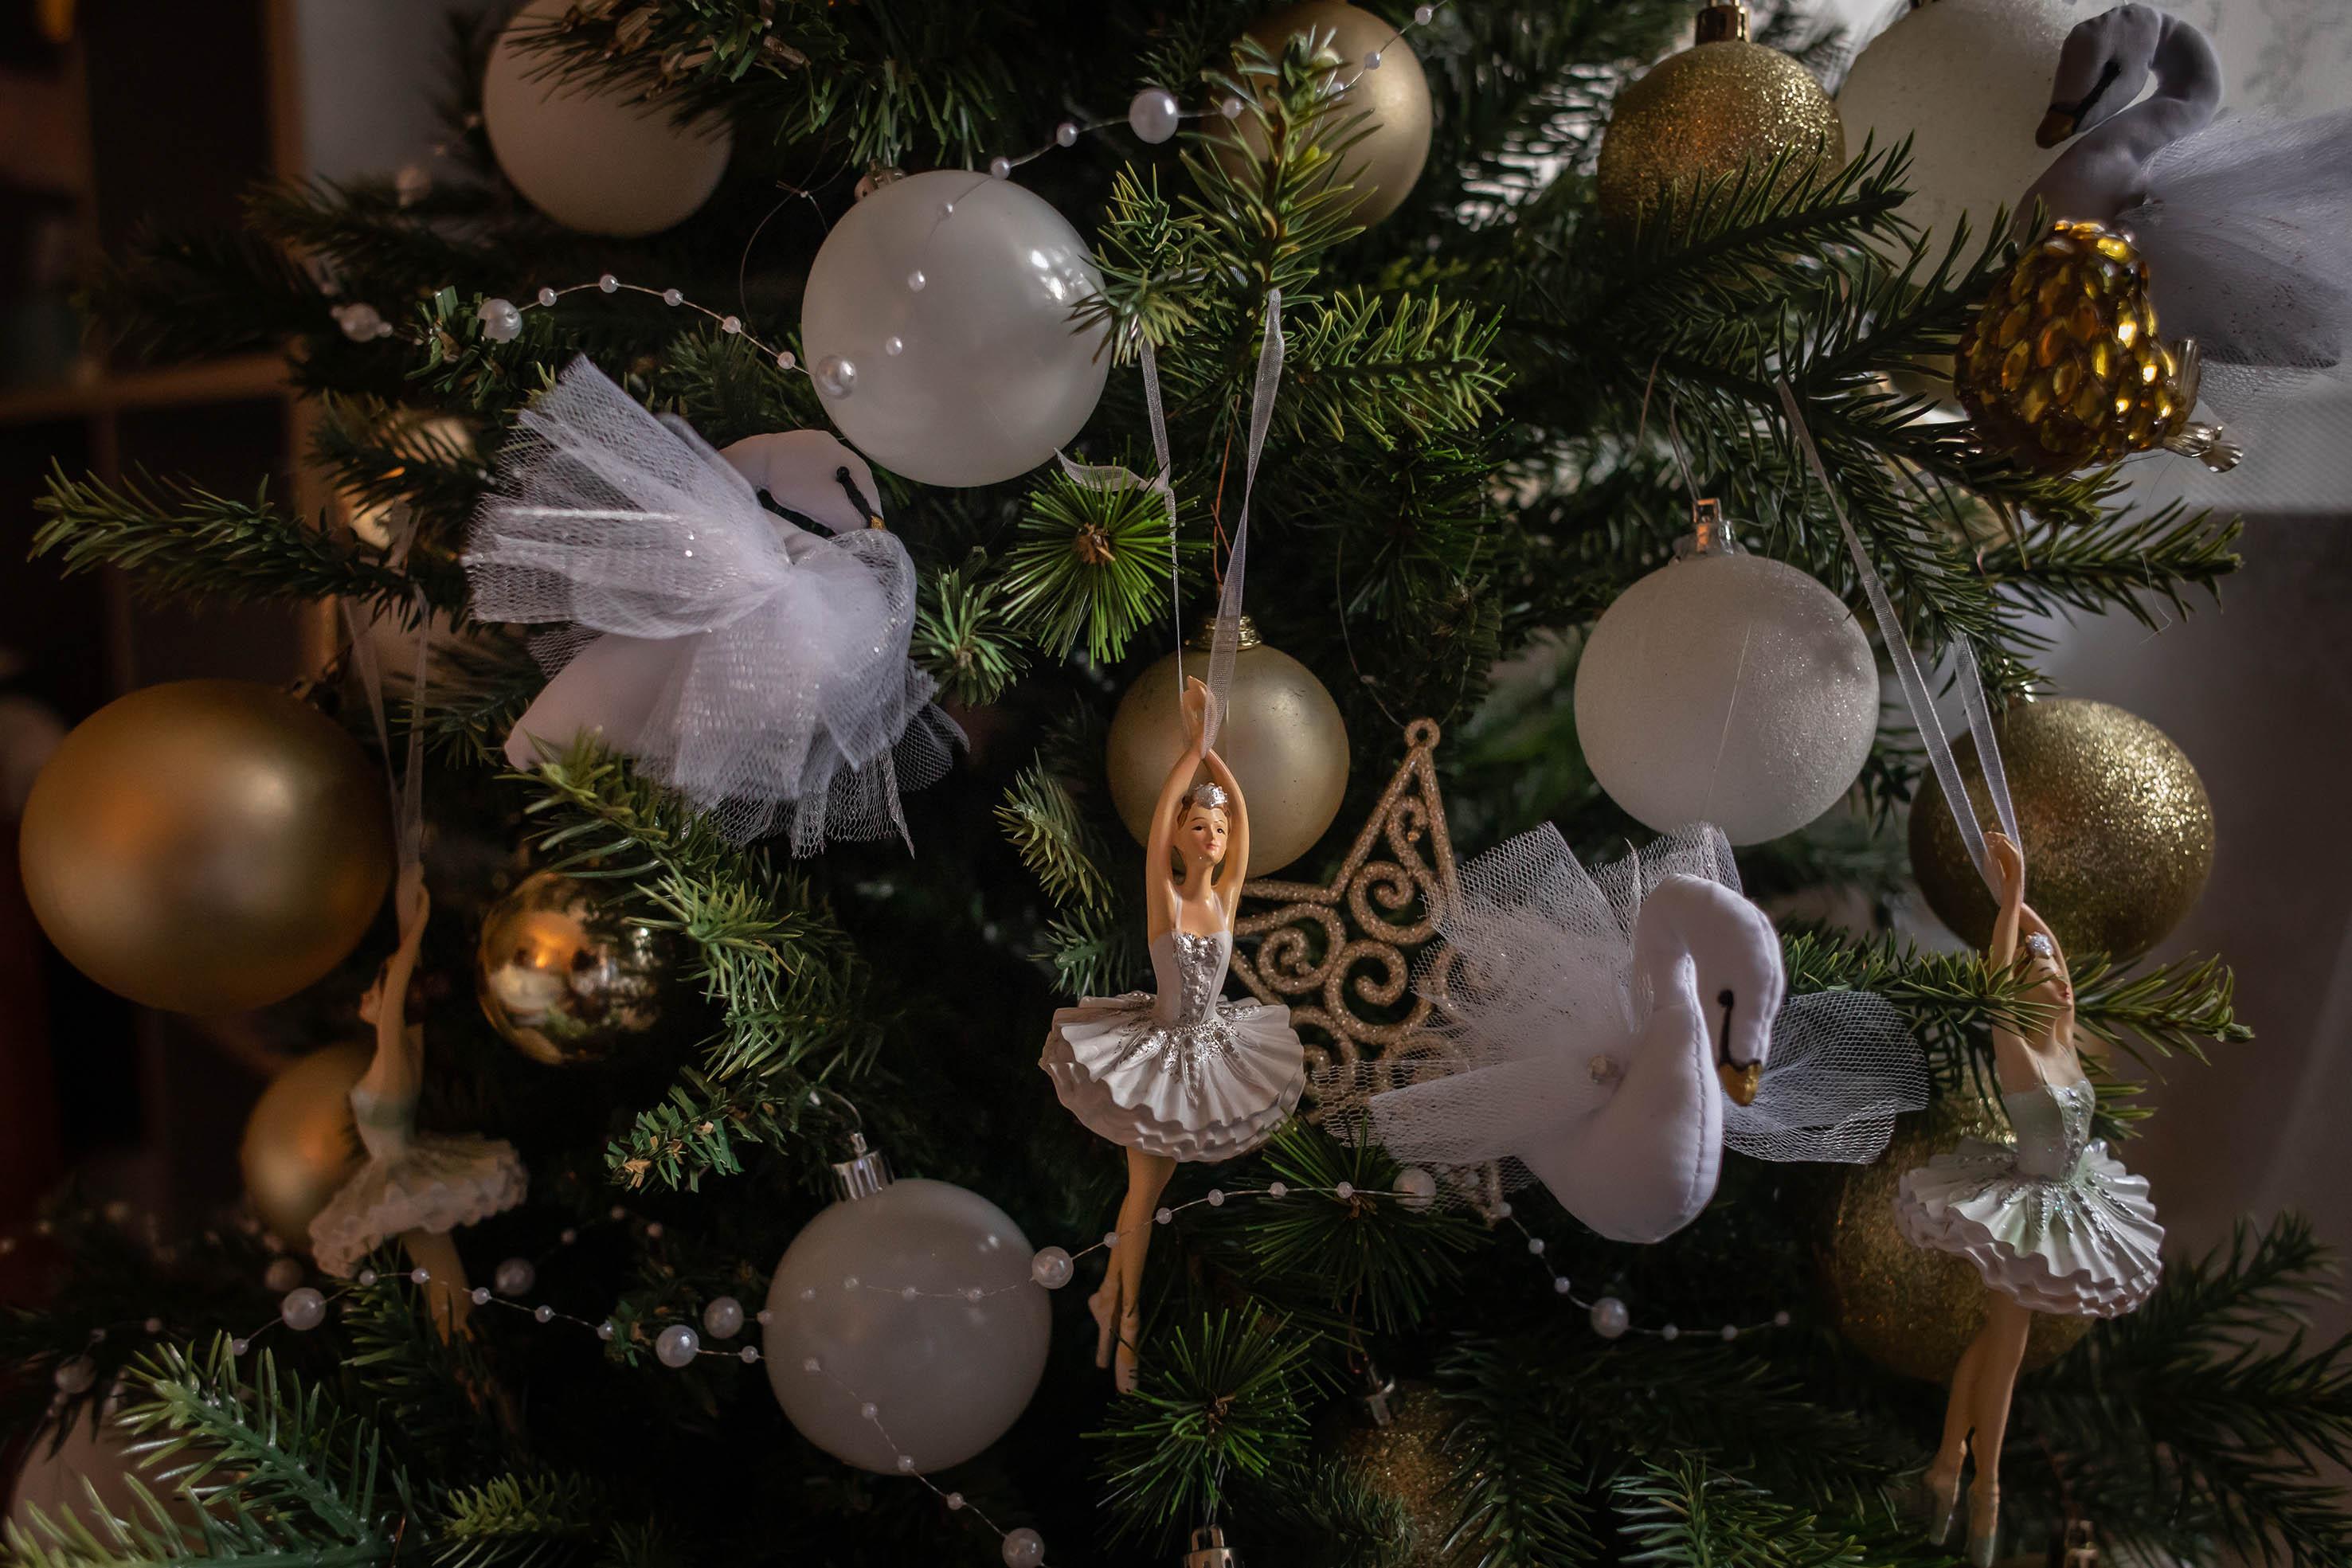 Márti minden évben állít karácsonyfát Sárinak, és a díszek közül is ő készít néhányat.<br /><br />Fotó: Kovács Bea / Magyar Sajtófotó Pályázat